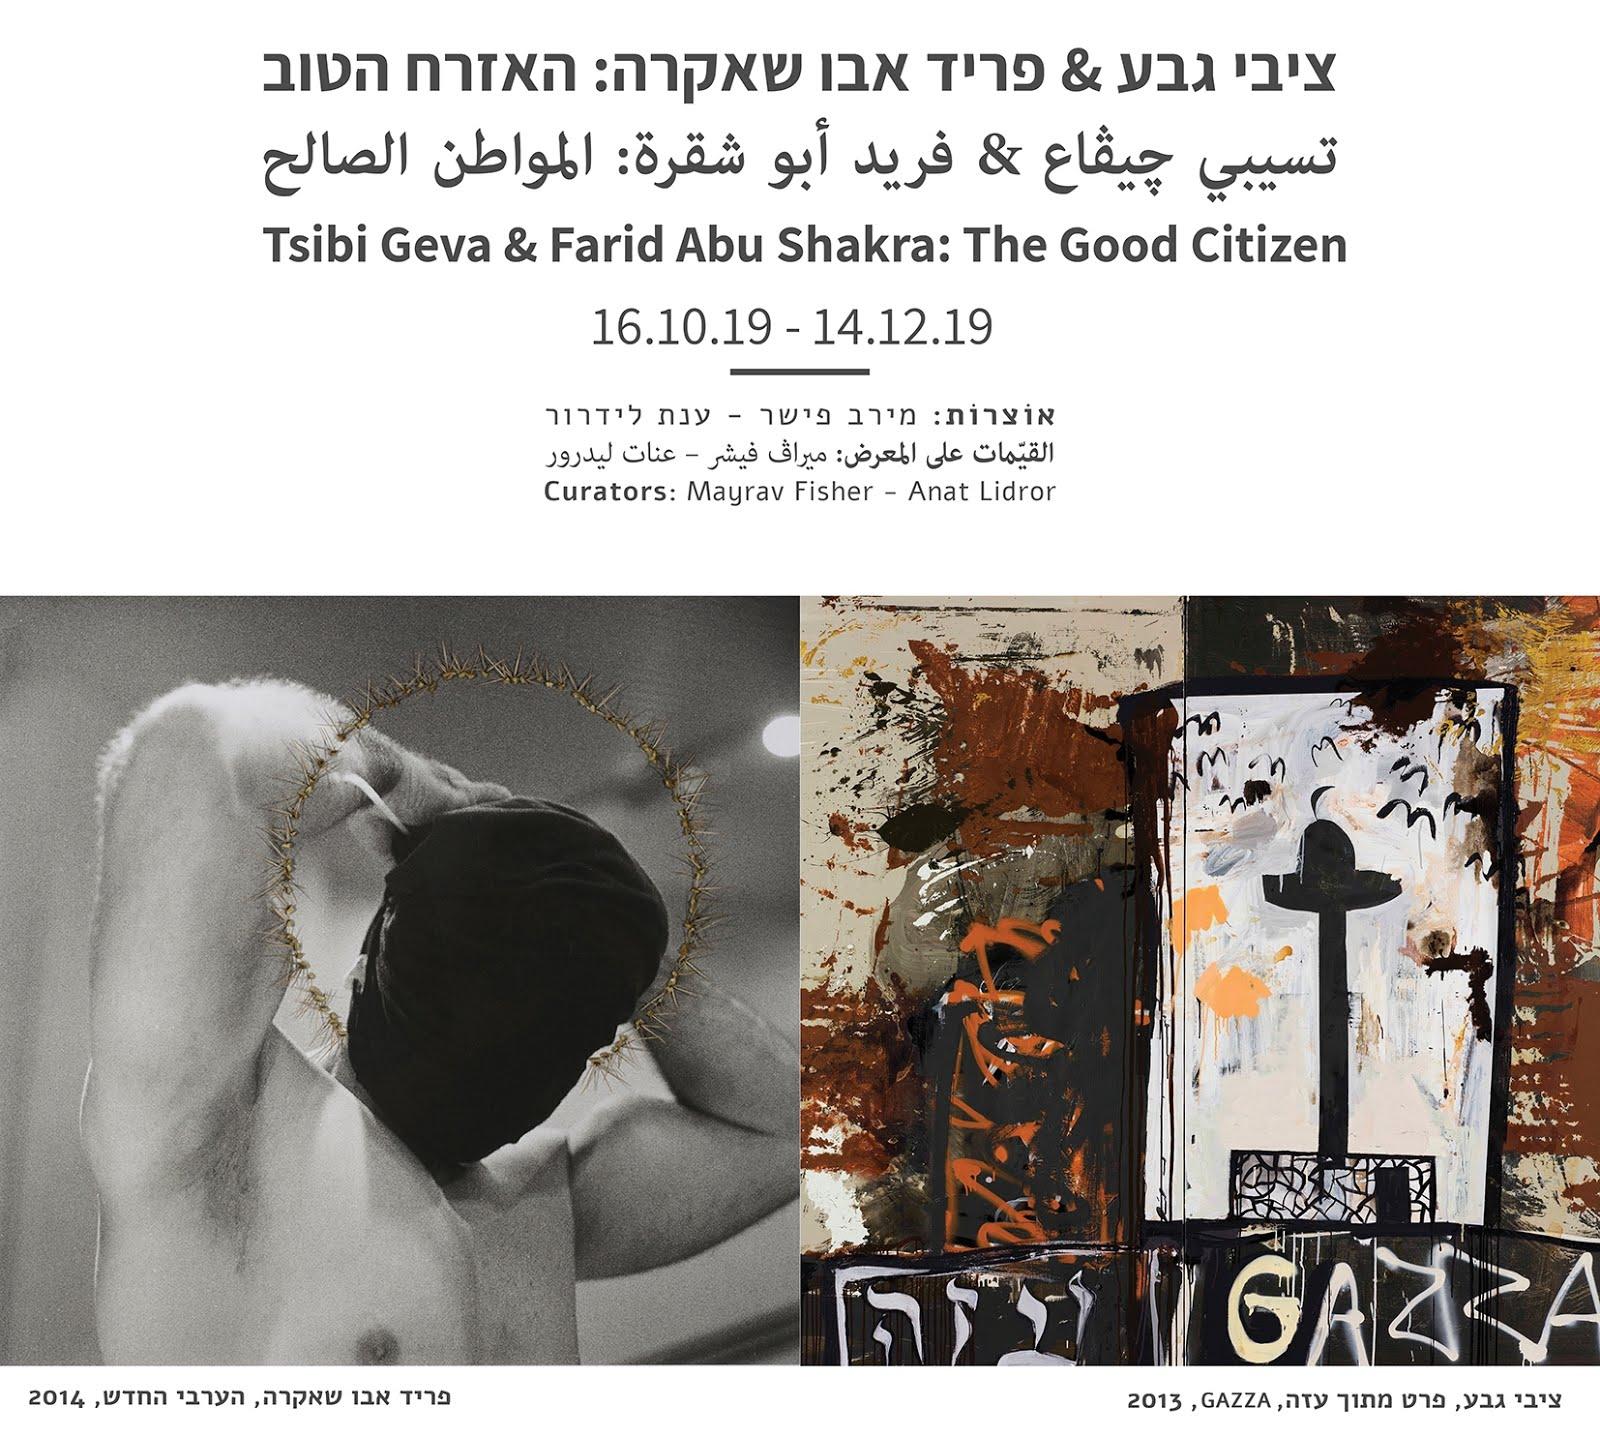 ציבי גבע & פריד אבו שאקרה: האזרח הטוב - المواطن الصالح